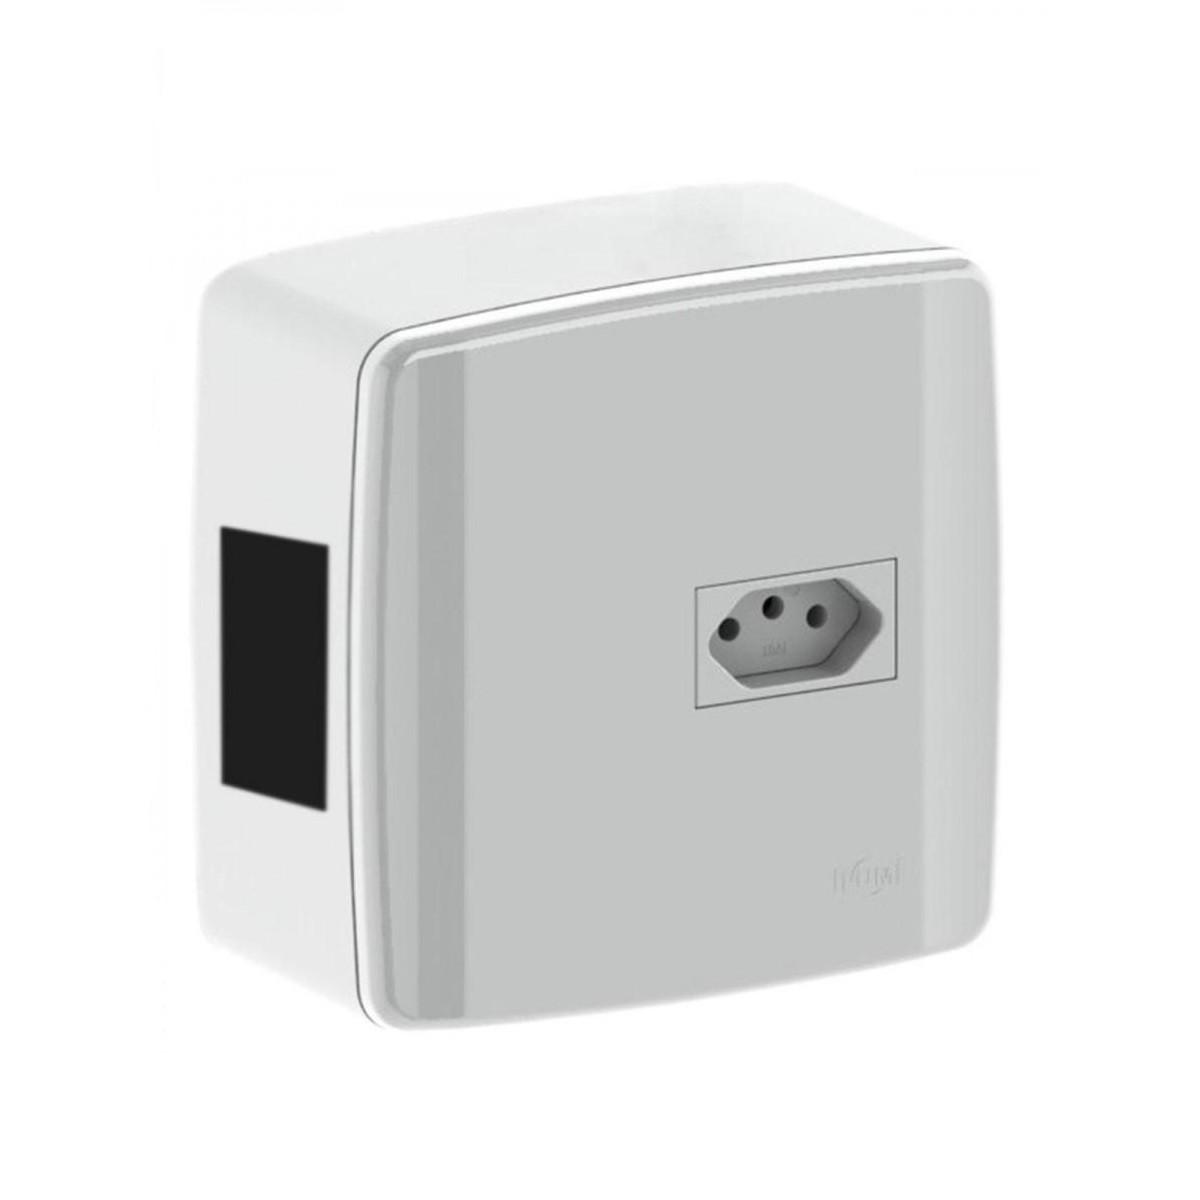 Kit de Caixa de Disjuntor Bipolar Tomada 2PT 20A de Sobrepor - Ilumi